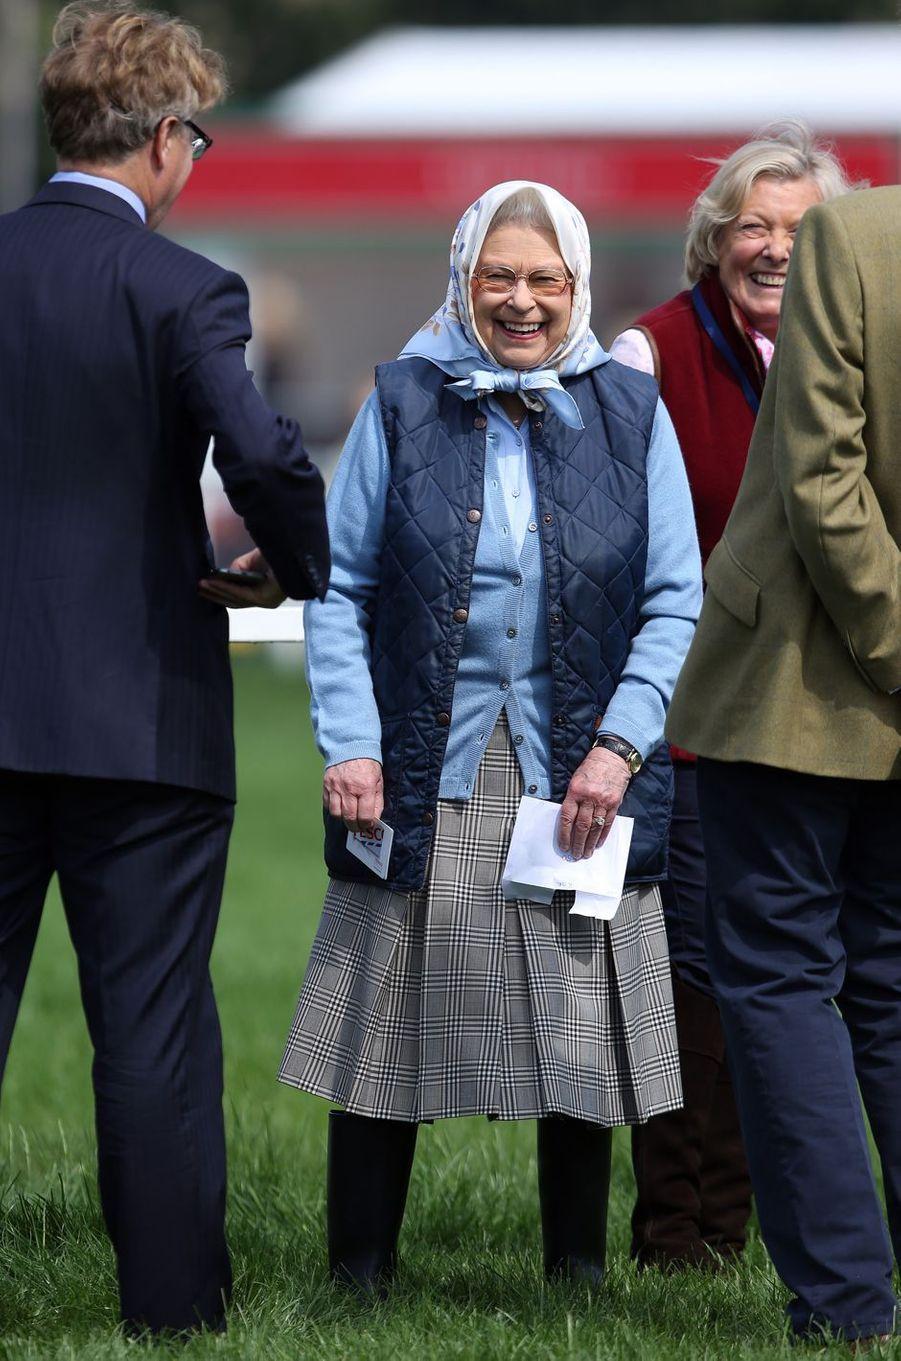 La reine Elizabeth II est apparue tout sourire ce jeudi 12 mai après avoir gagné... un bon d'achat grâce à la victoire d'un de ses chevaux lors d'un concours hippique.